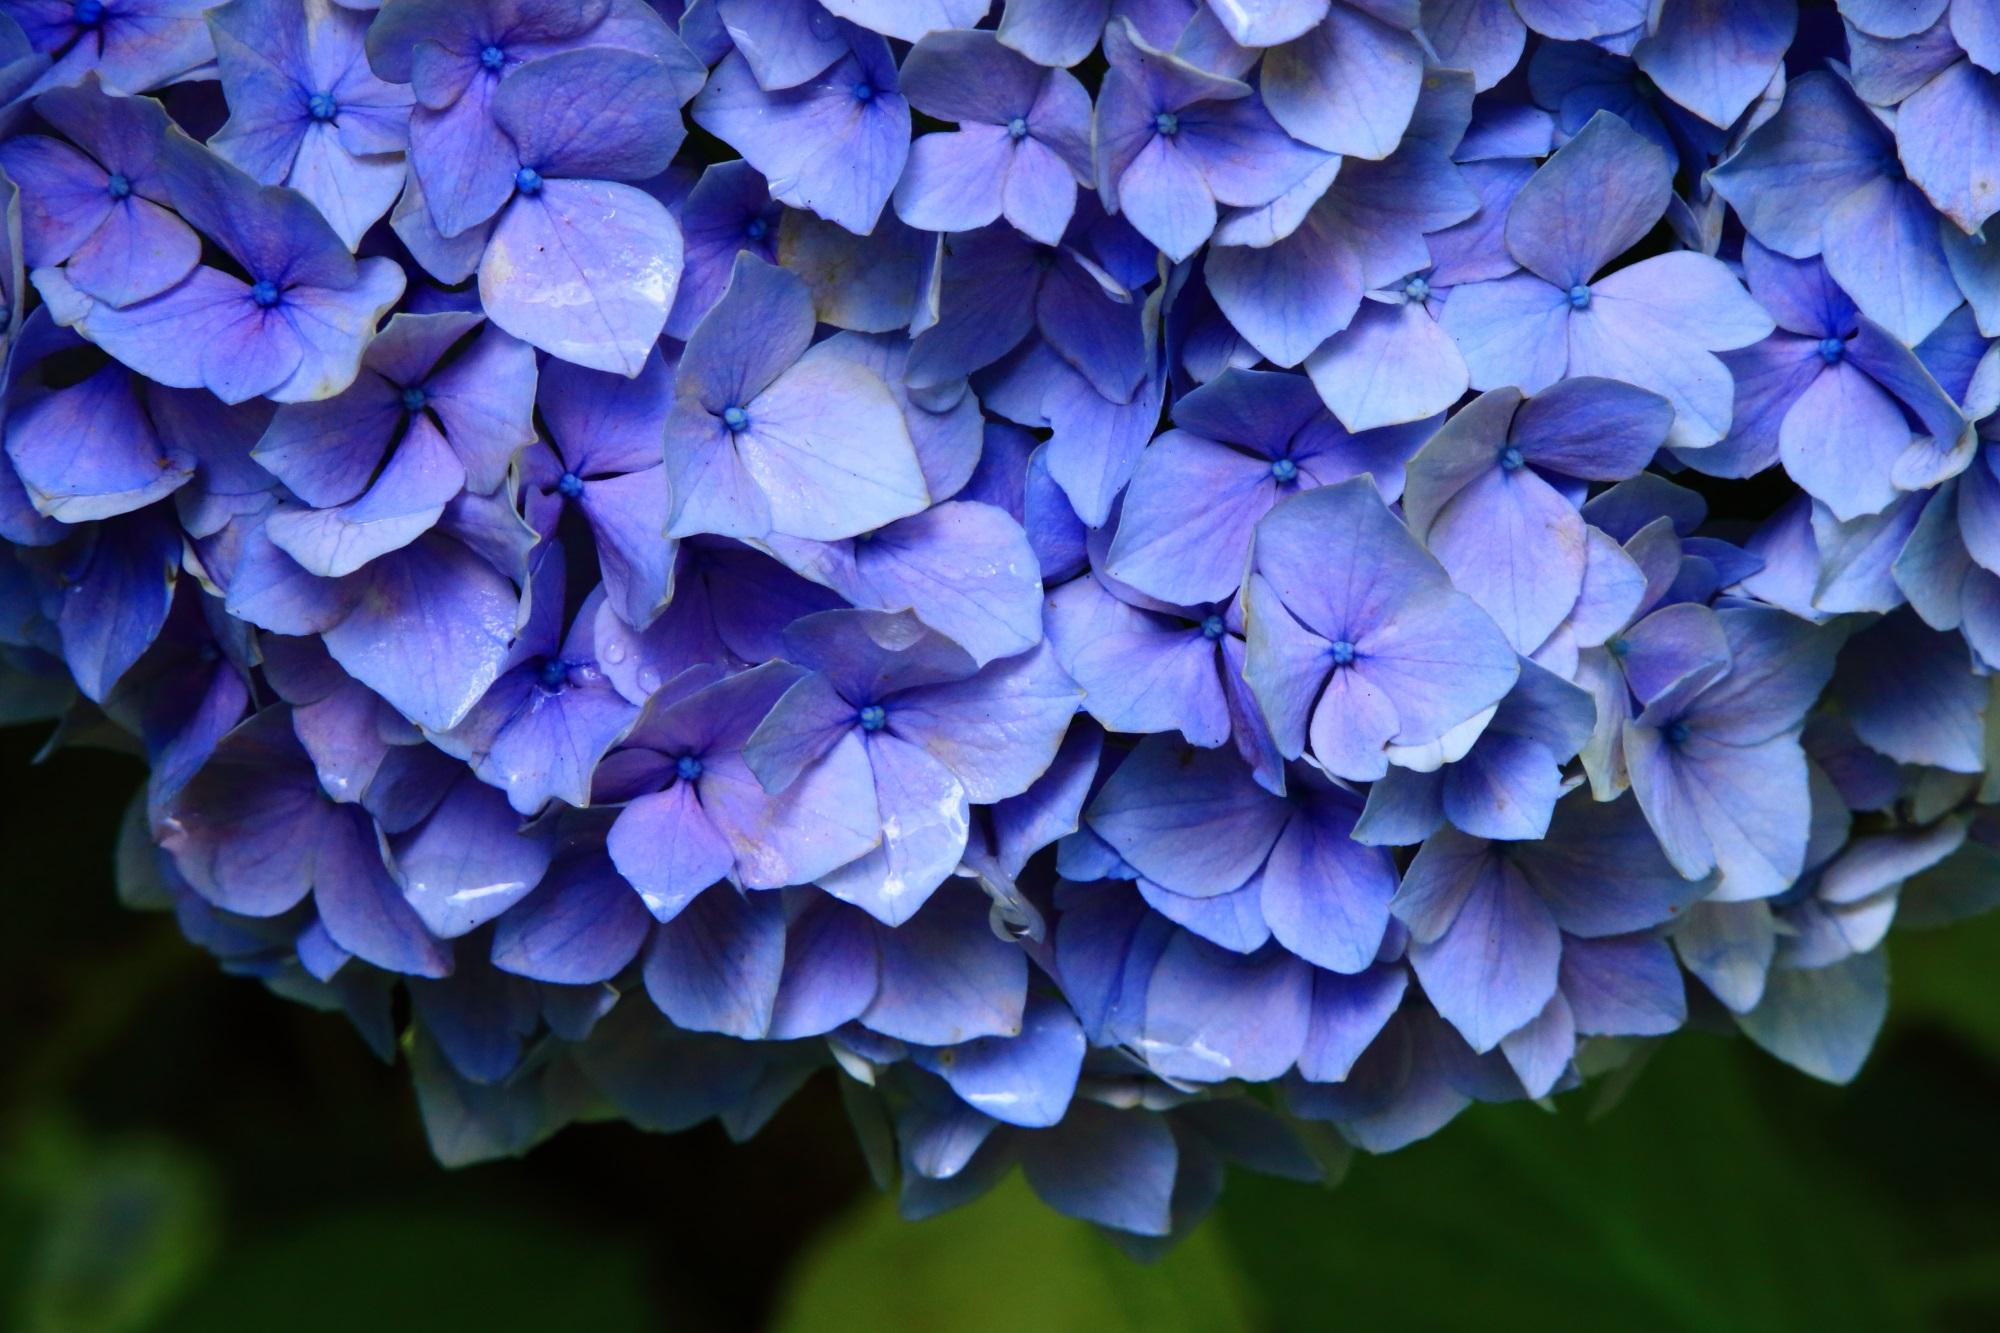 花びらをびっしりつけた天晴れな紫陽花